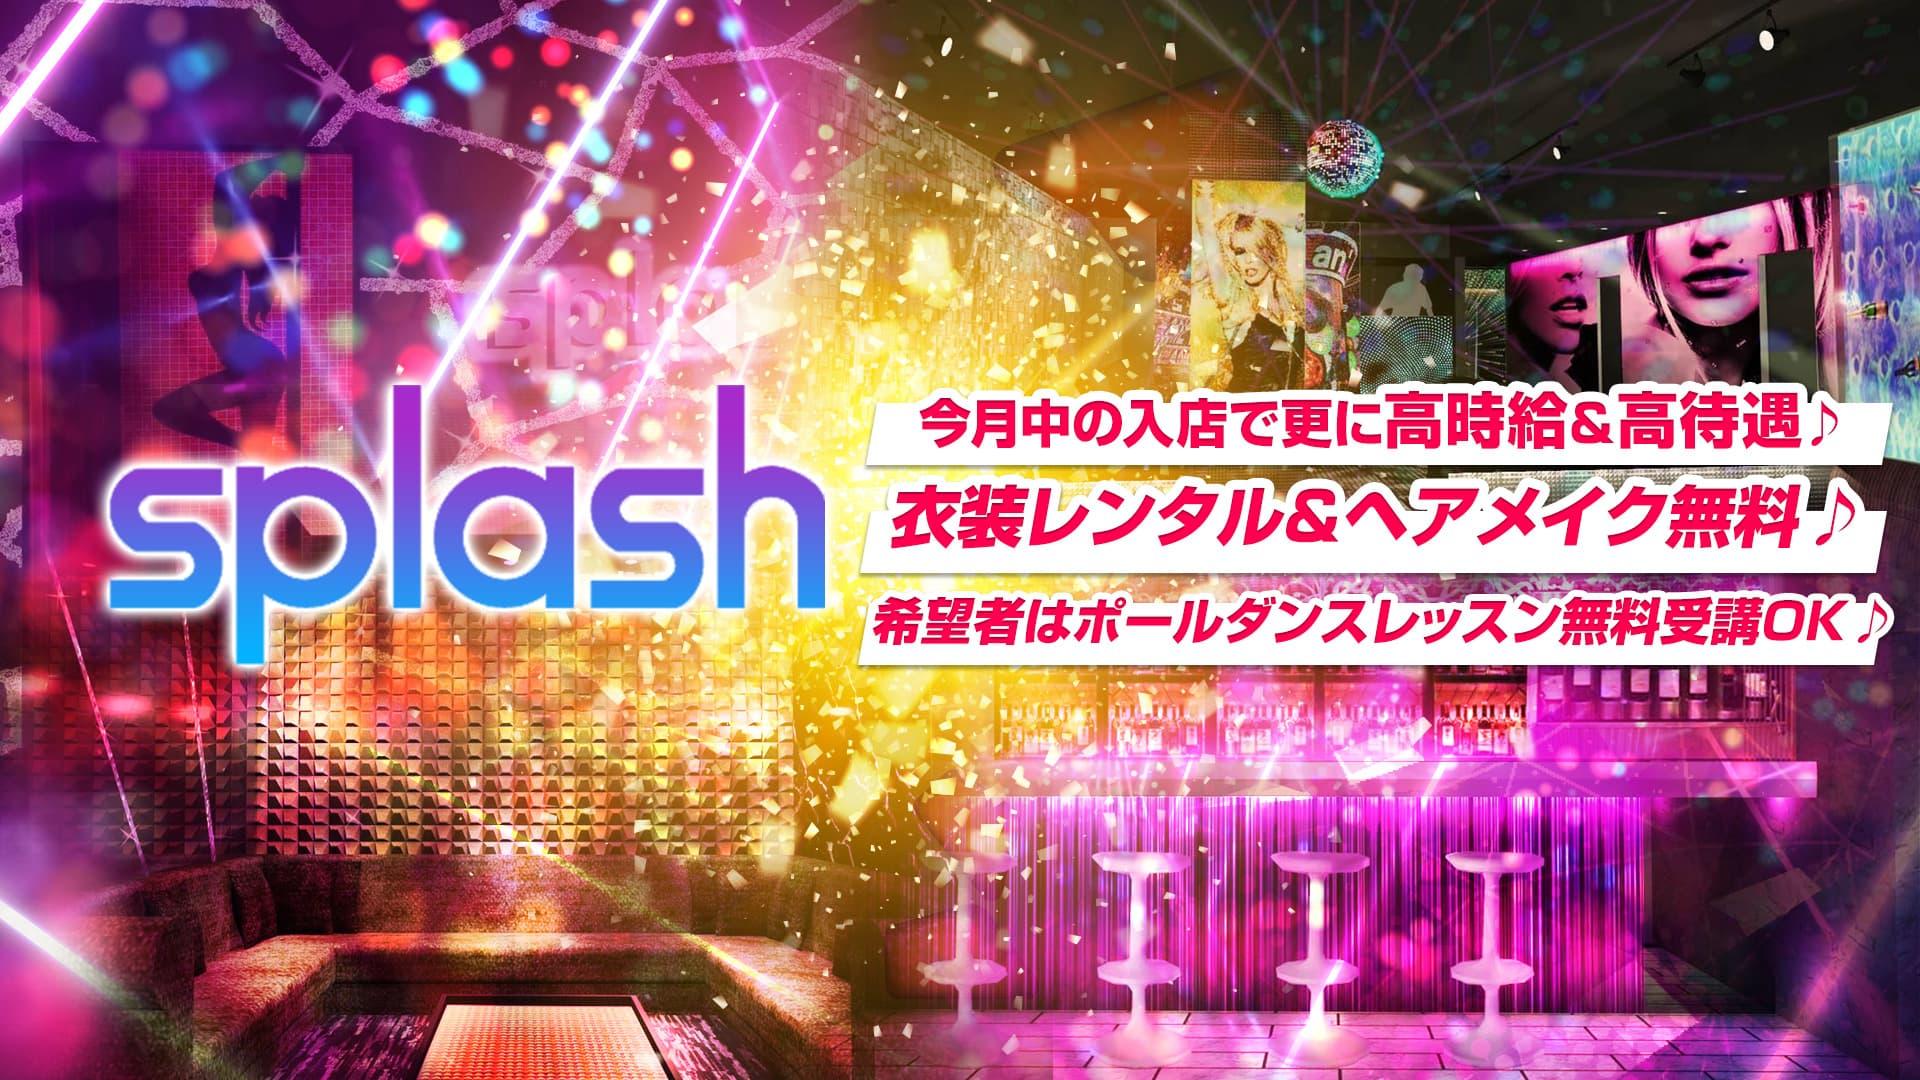 横浜splash~スプラッシュ~【公式求人・体入情報】 横浜キャバクラ TOP画像